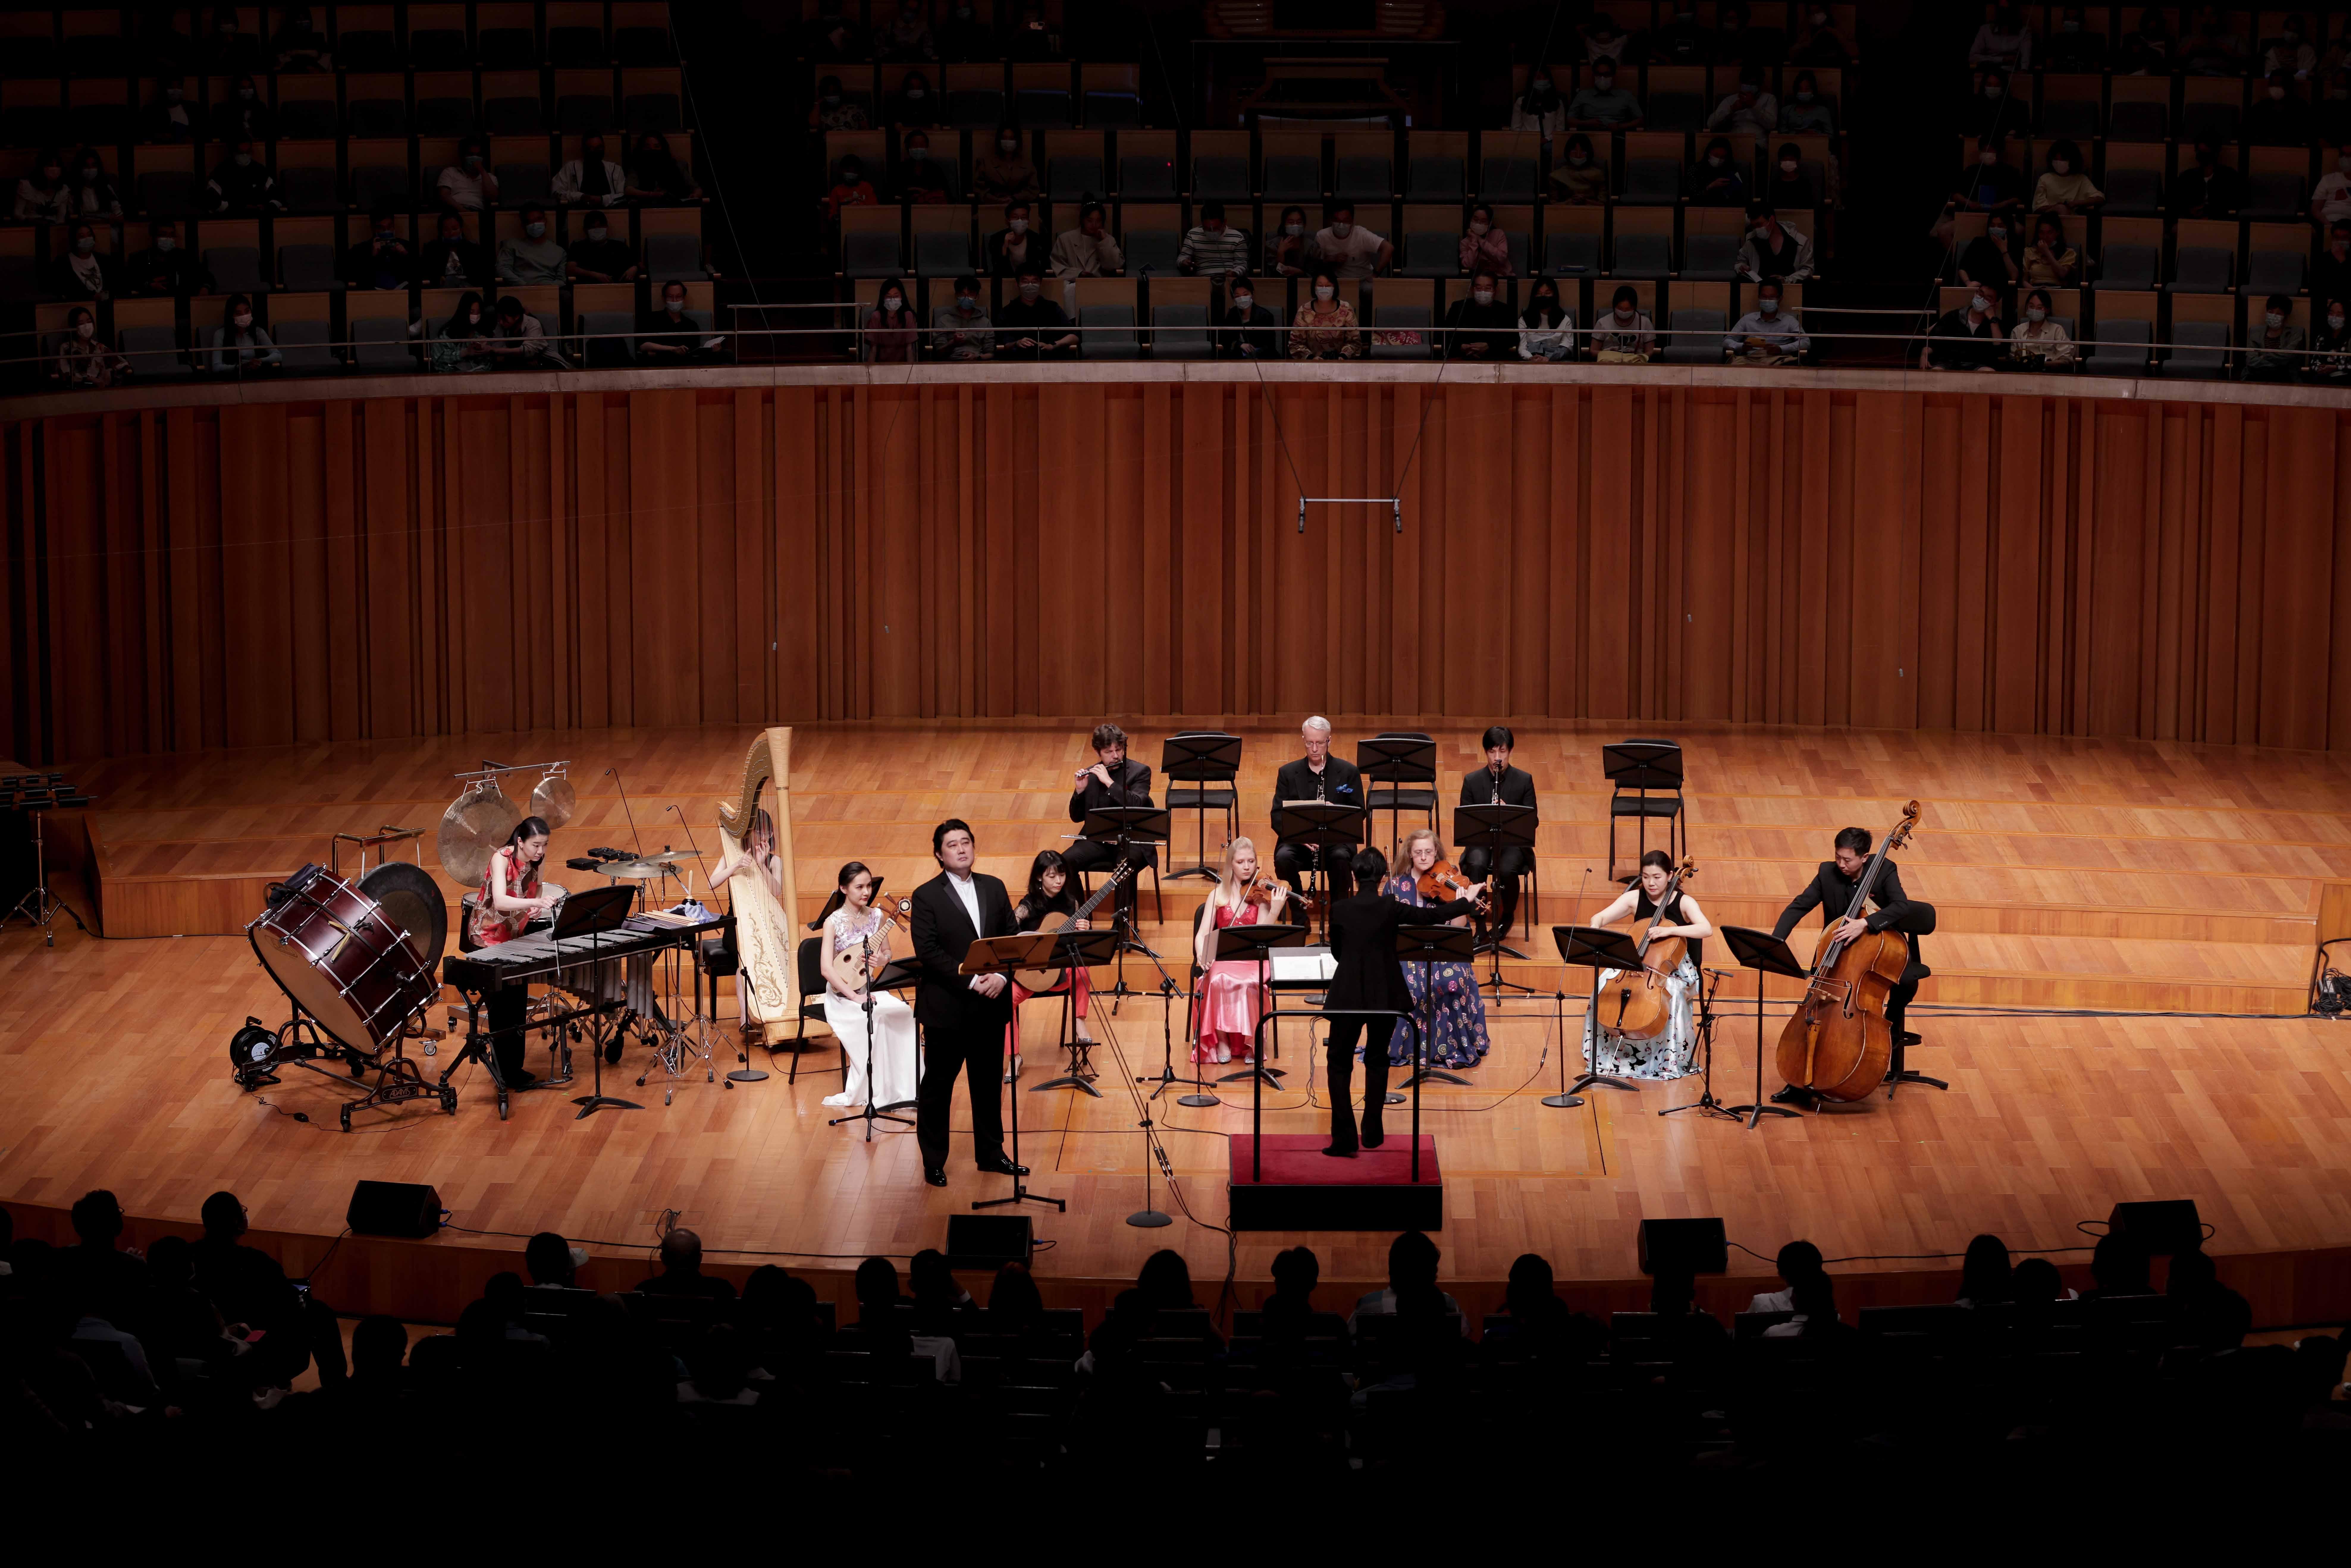 沈洋与天津茱莉亚室内乐团演出陈其钢作品《抒情诗Ⅱ——水调歌头》